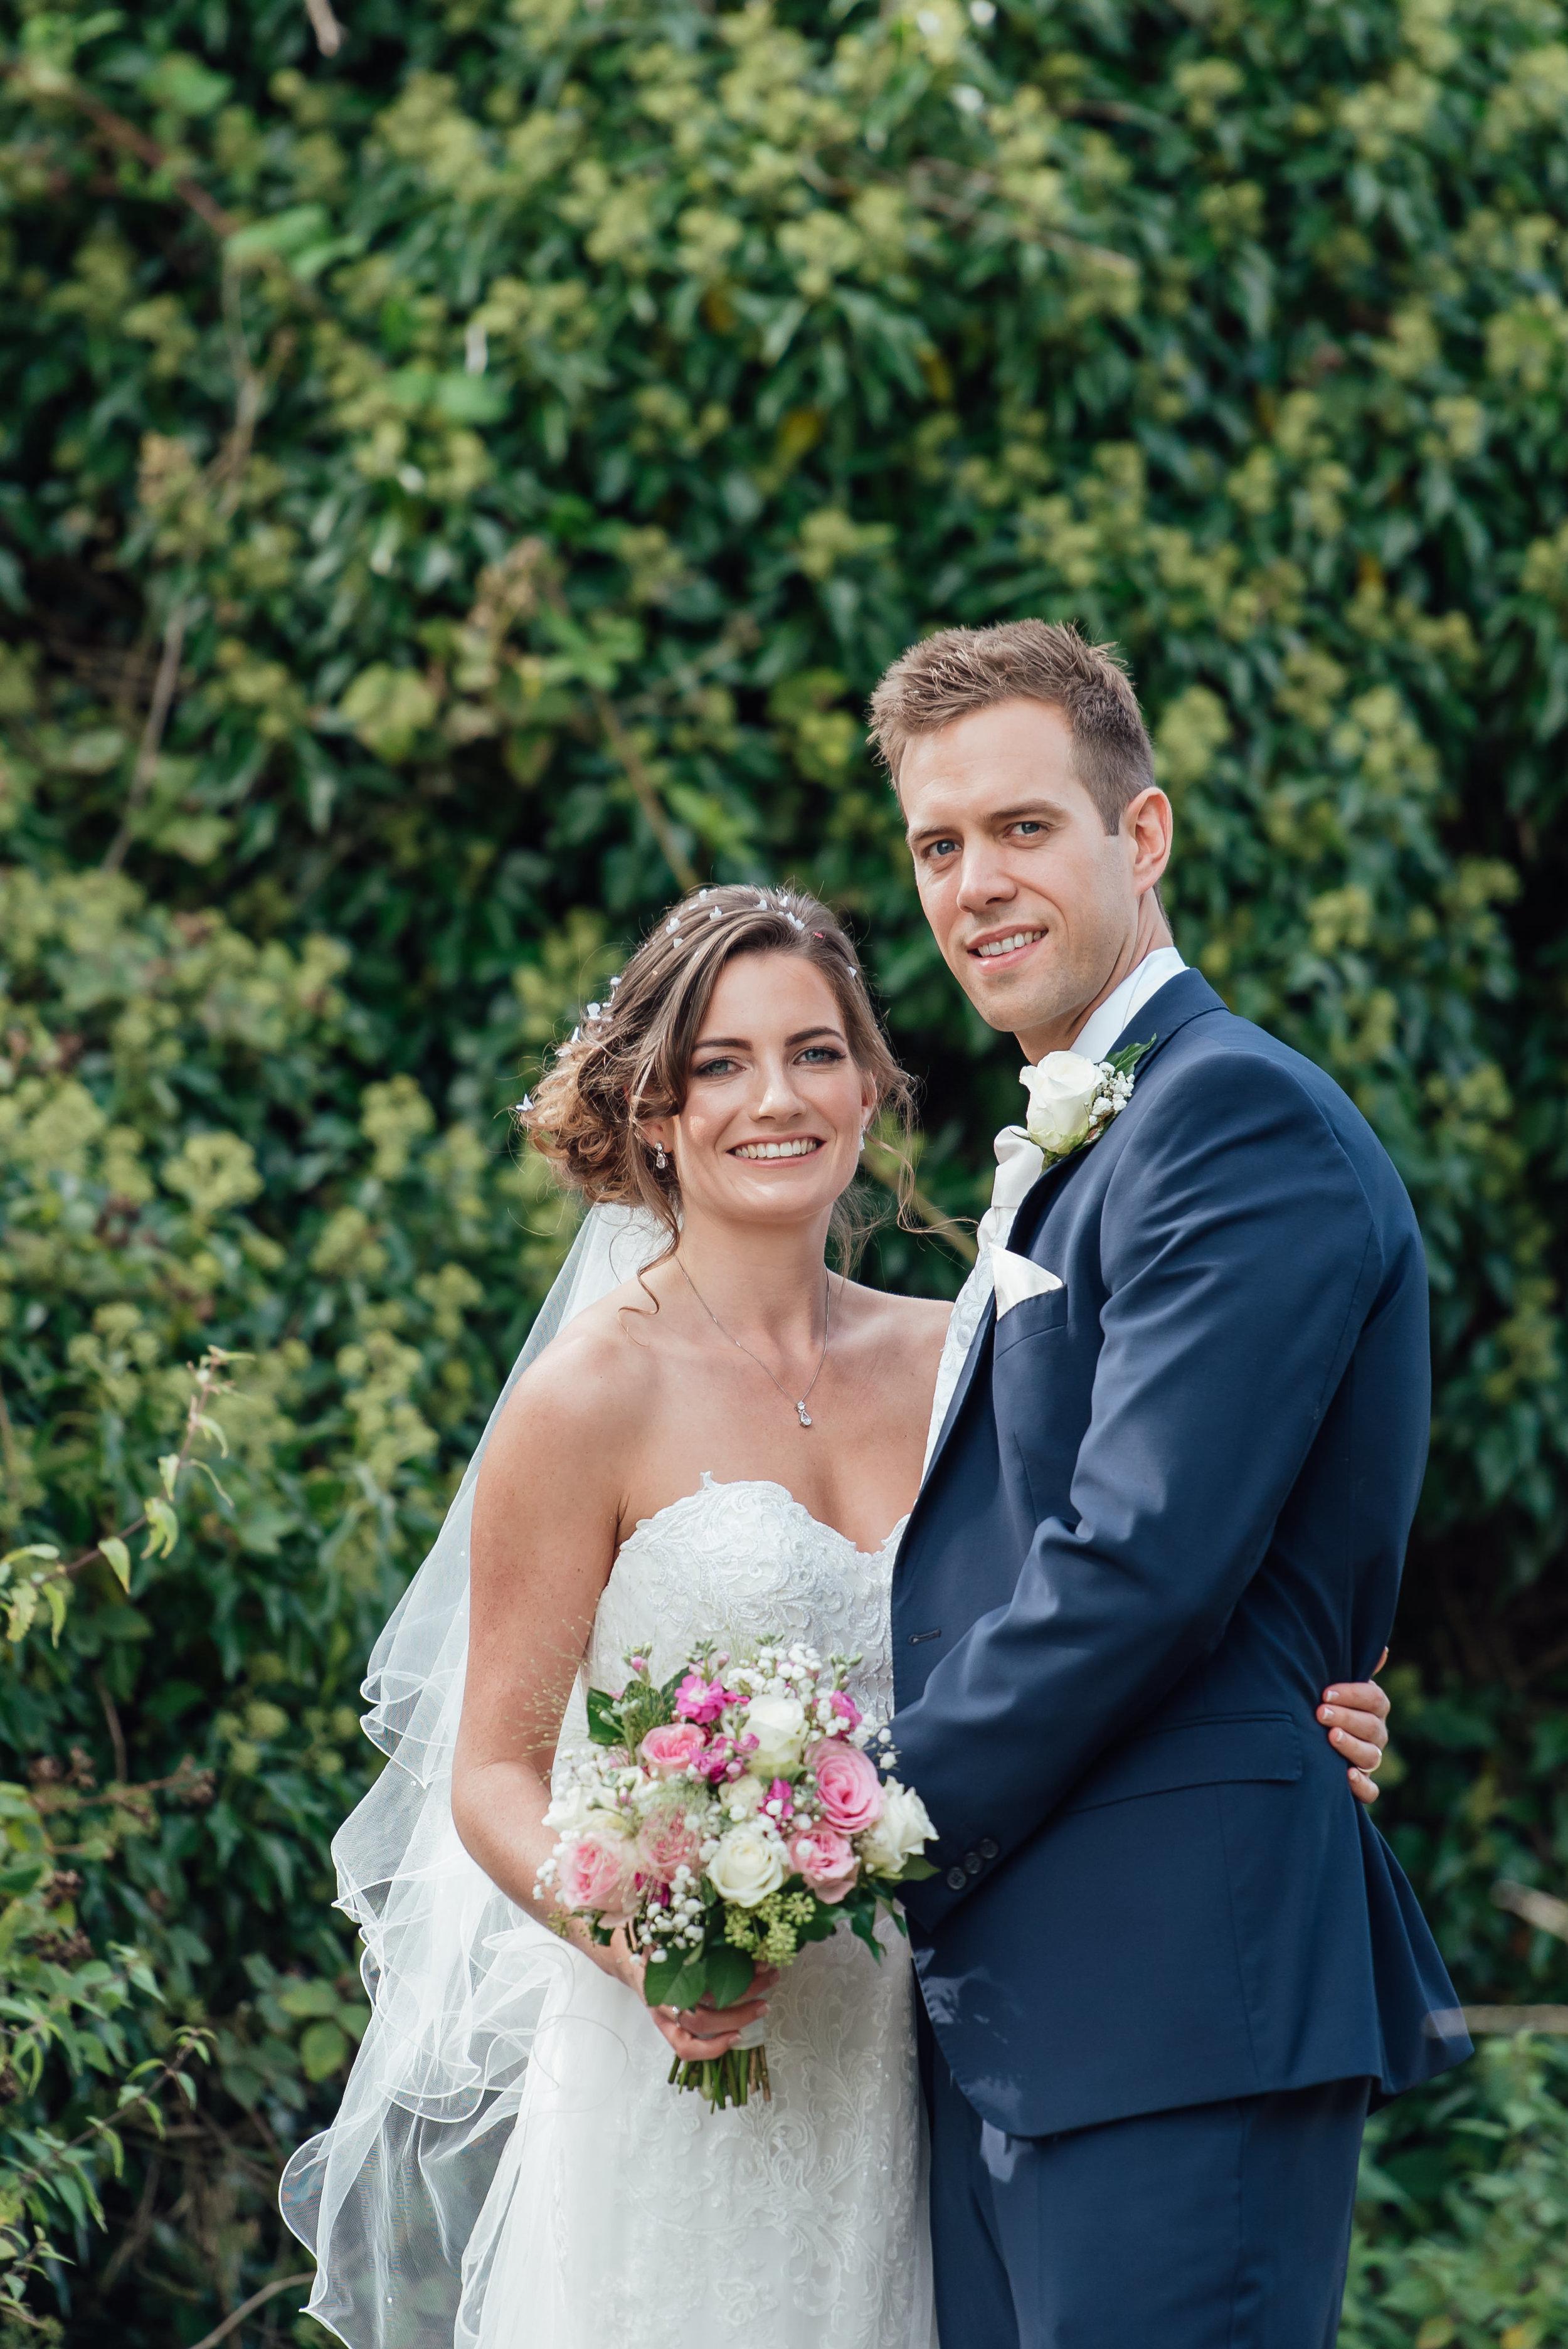 Hampshire-wedding-photographer : hampshire-village-hall-wedding : rotherwick-village-hall-wedding : wedding-photographer-hampshire : amy-james-photography : natural-wedding-photographer-hampshire : wedding-photographer-hampshire-514.jpg